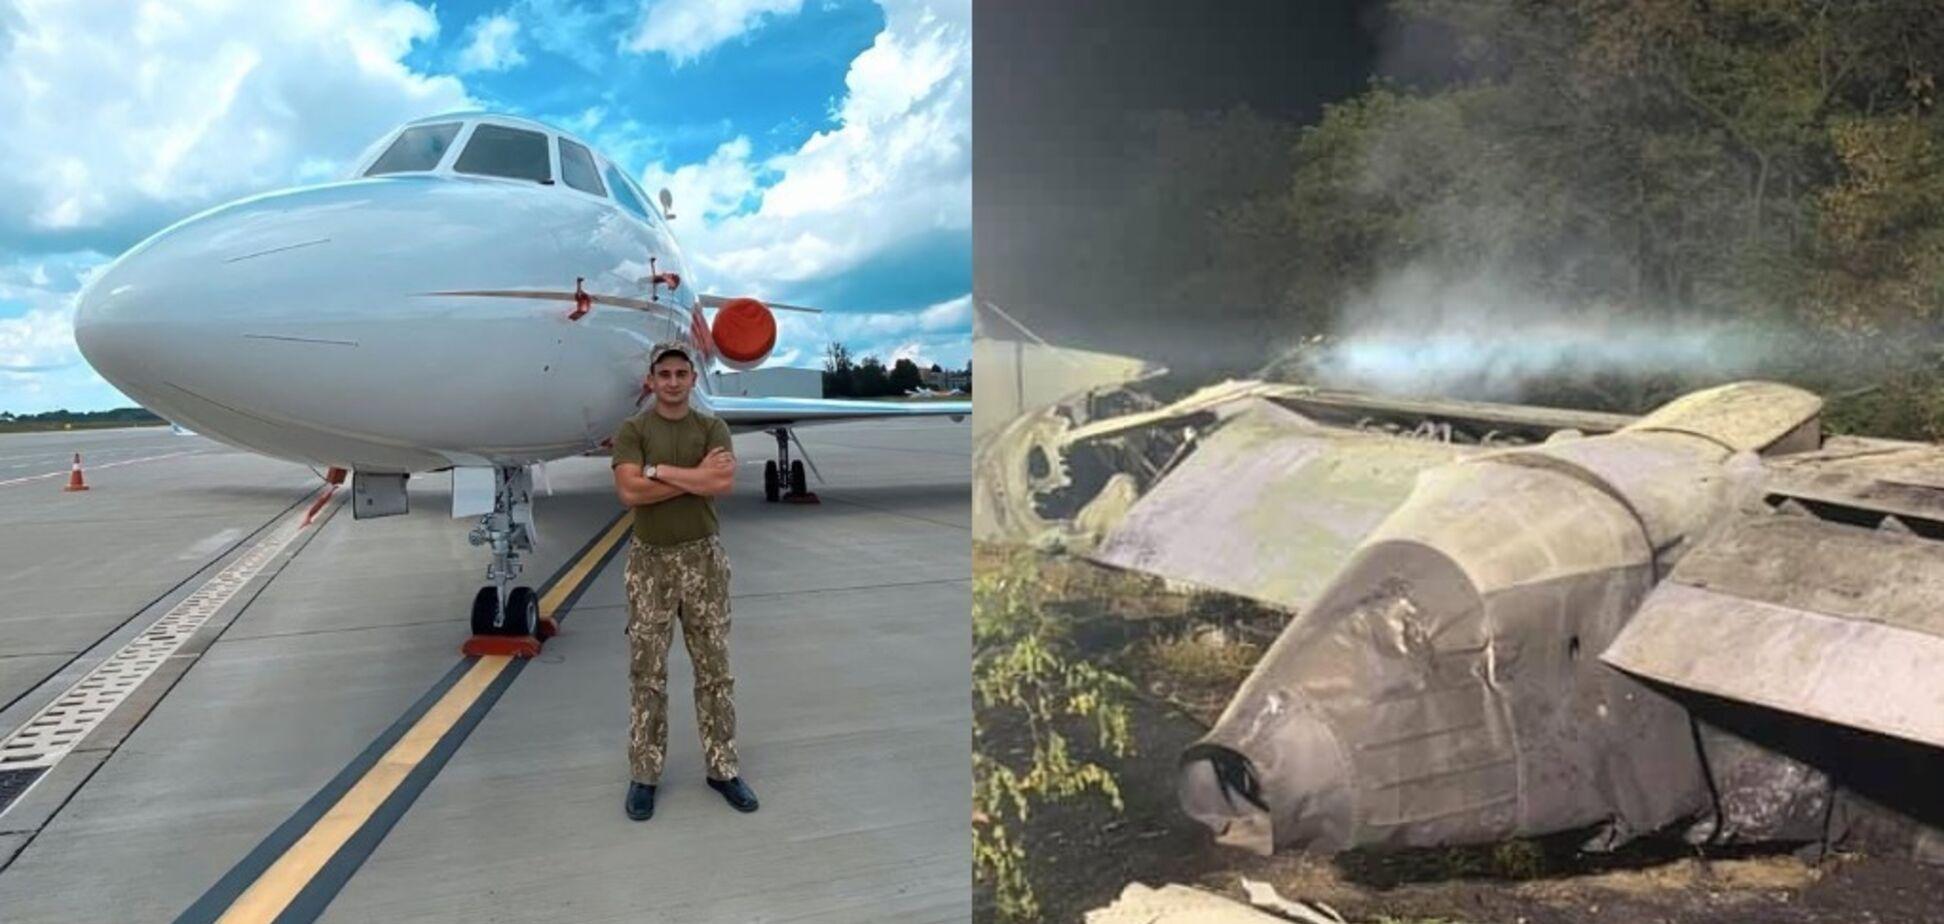 Под Харьковом упал самолет с курсантами: украинские звезды отреагировали на трагедию